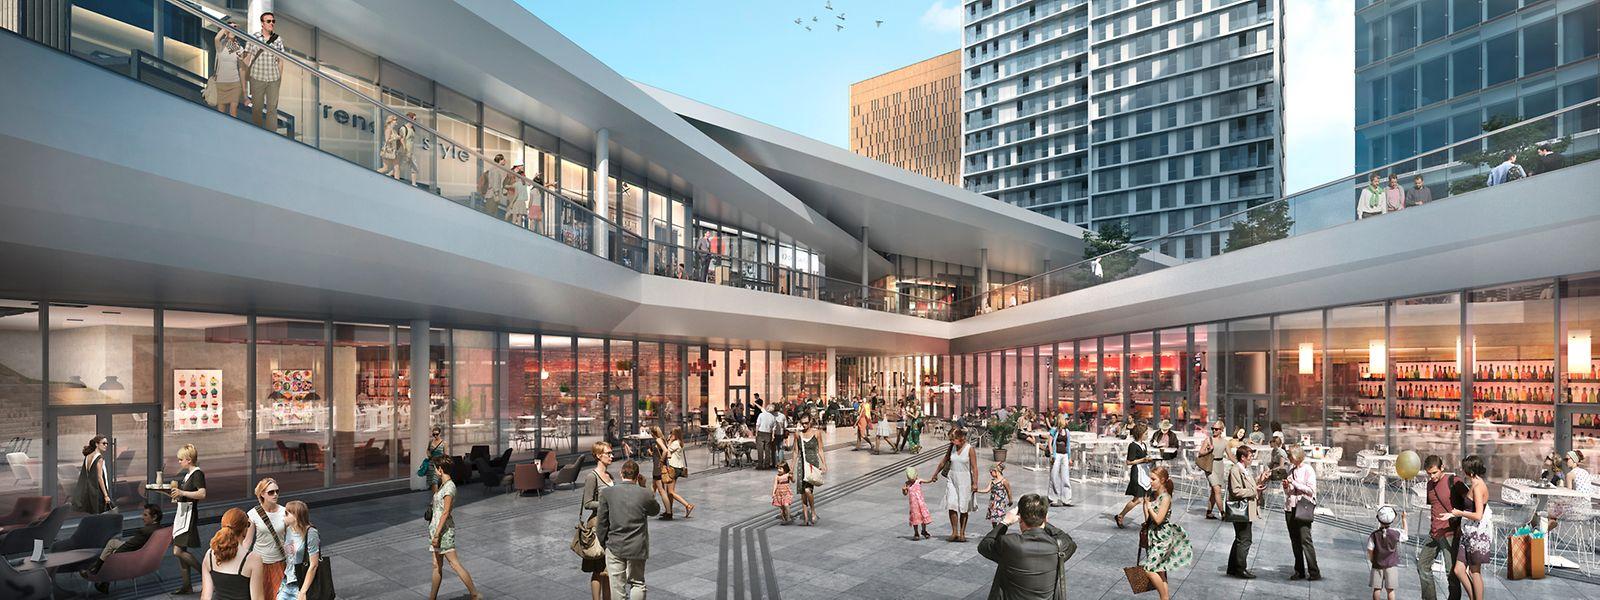 Le centre qui ouvre le 12 décembre comptera 22 boutiques, bars et restaurants.